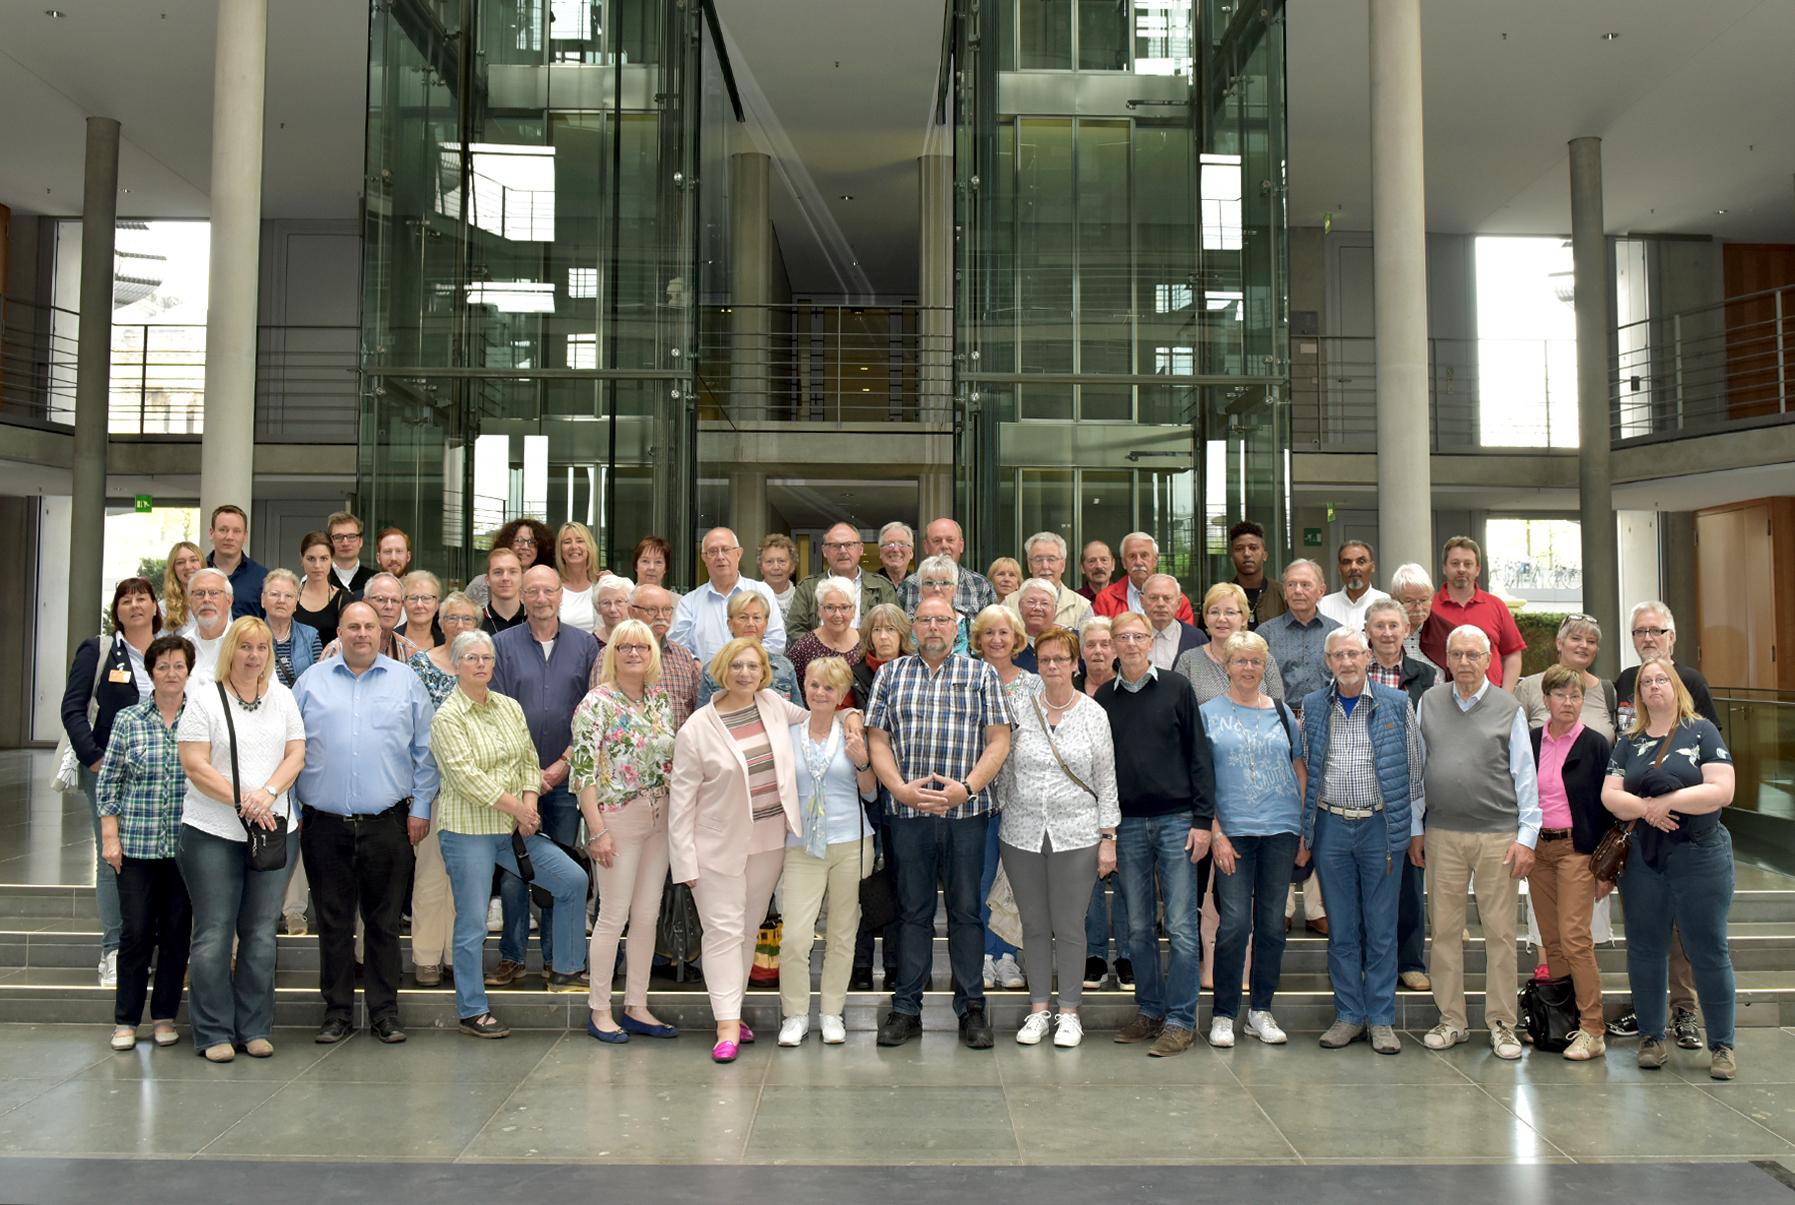 Besuchergruppe aus der Grafschaft Bentheim und dem Emsland bei Dr. Daniela De Ridder - Foto: Bundesregierung / Atelier Schneider